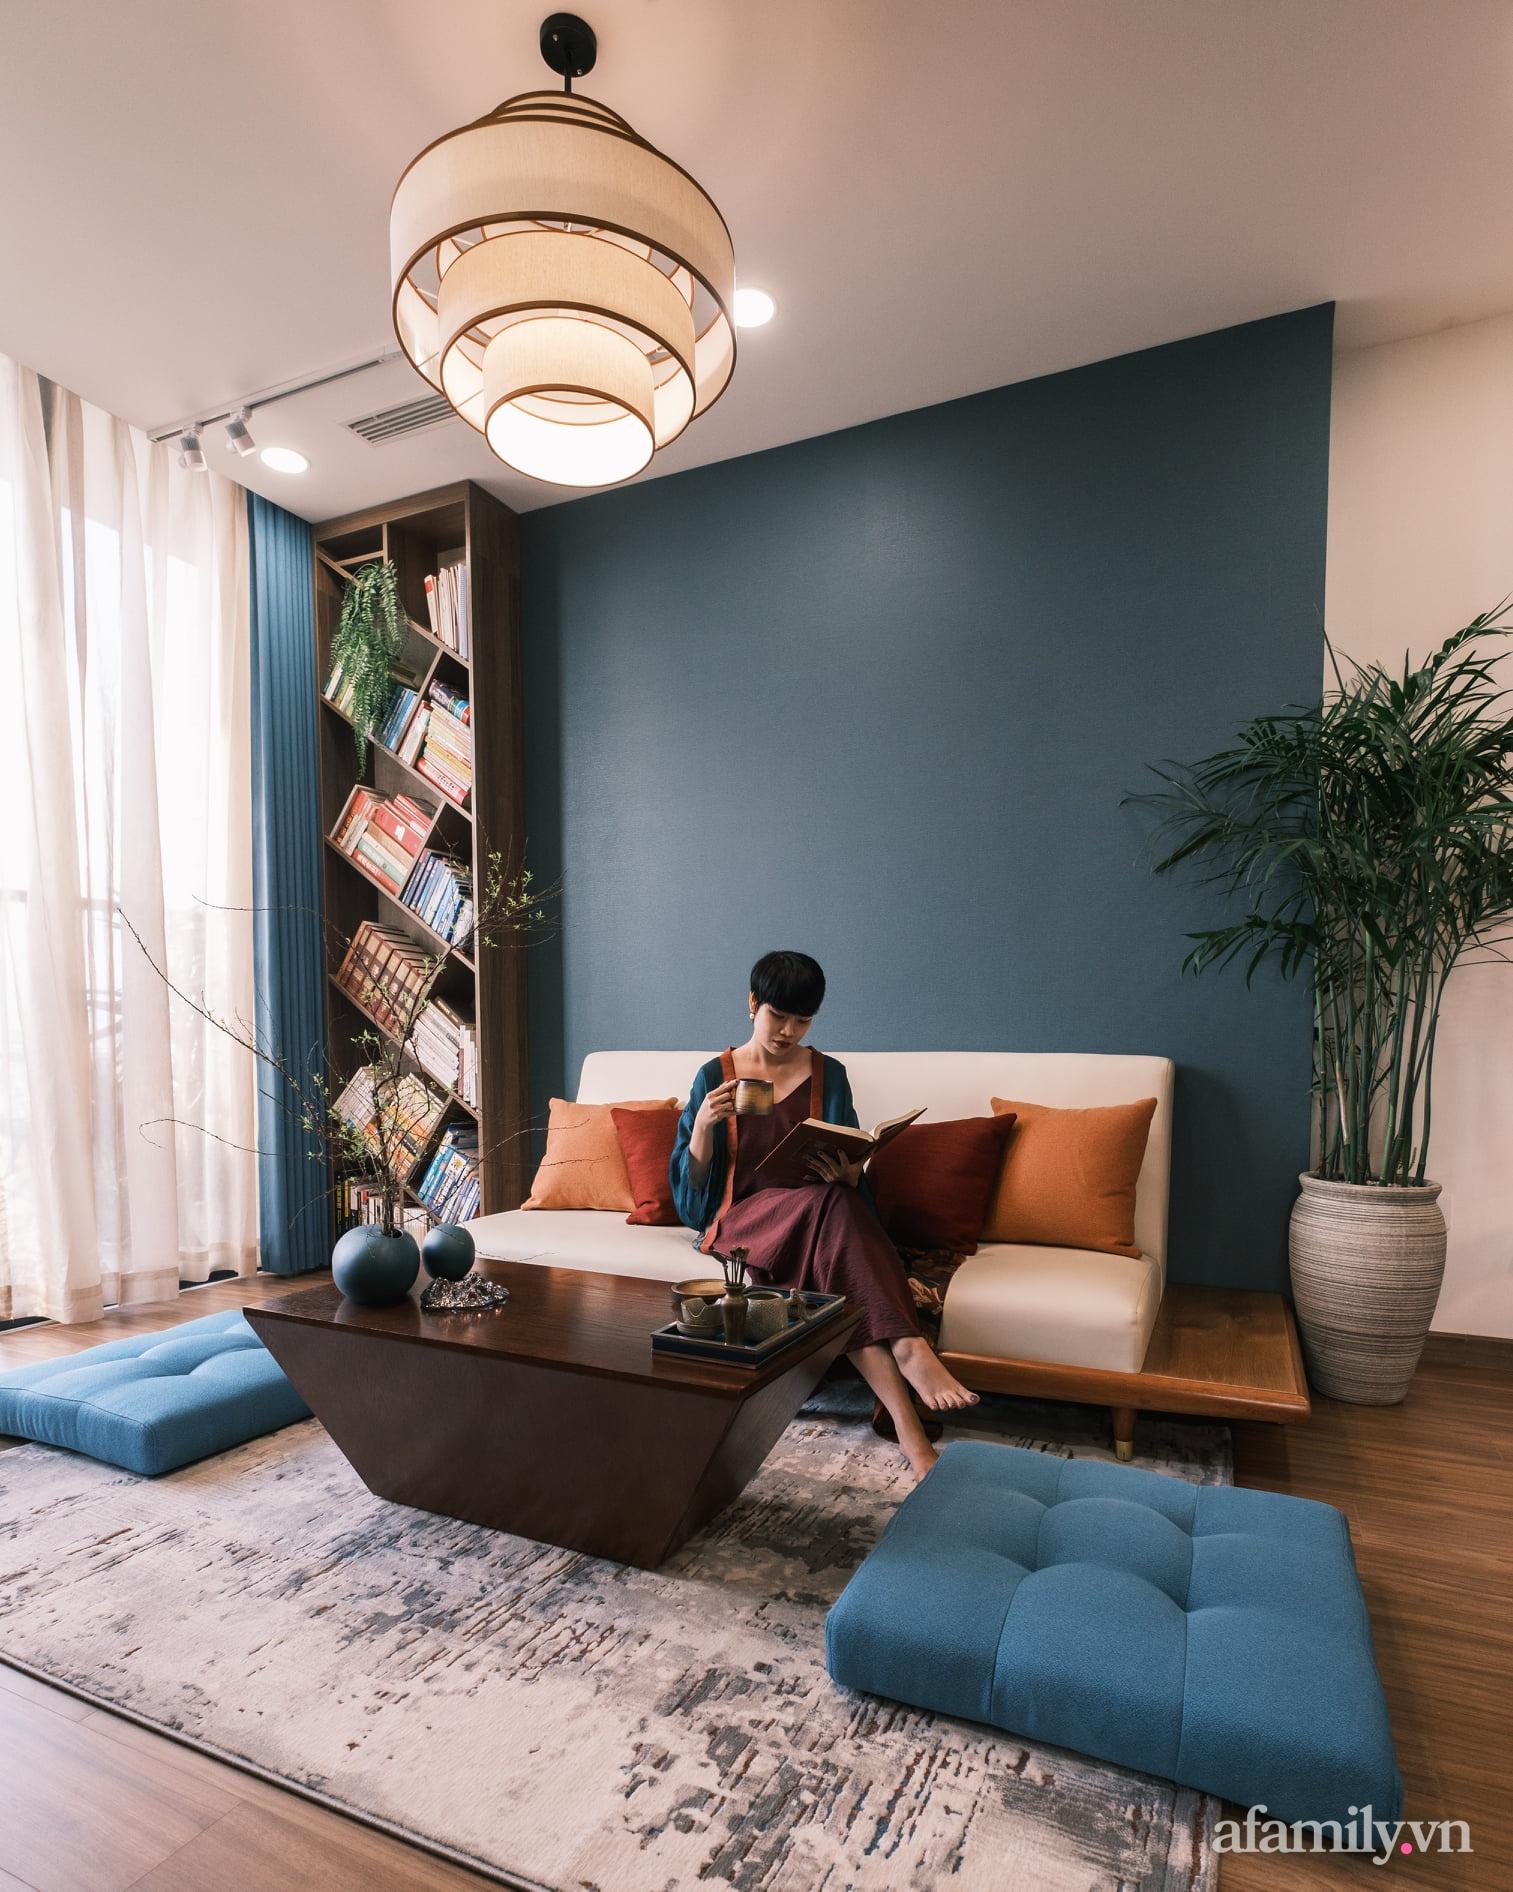 Căn hộ 60m² đẹp tĩnh lặng và tinh tế mang hơi thở của Zen ở quận 7 Sài Gòn - Ảnh 9.